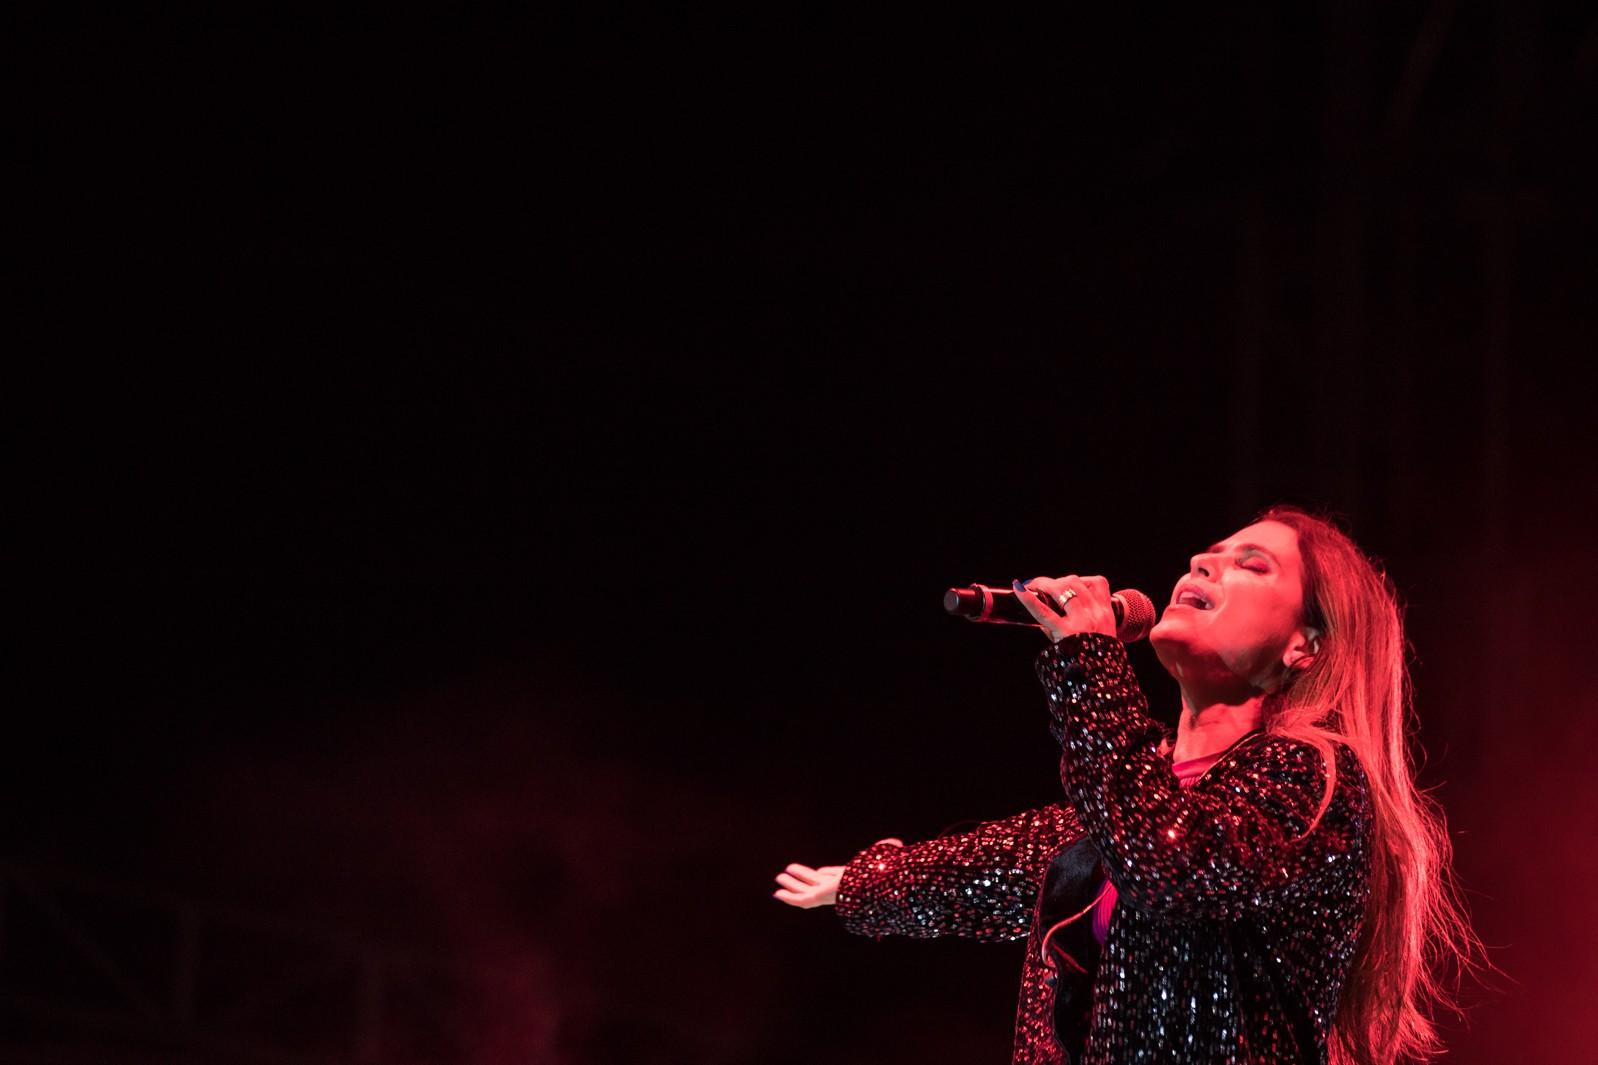 Diva da música cristã, Aline Barros emociona fãs em noite de glória e louvor na Festa de Barretos   - Notícias - Plantão Diário